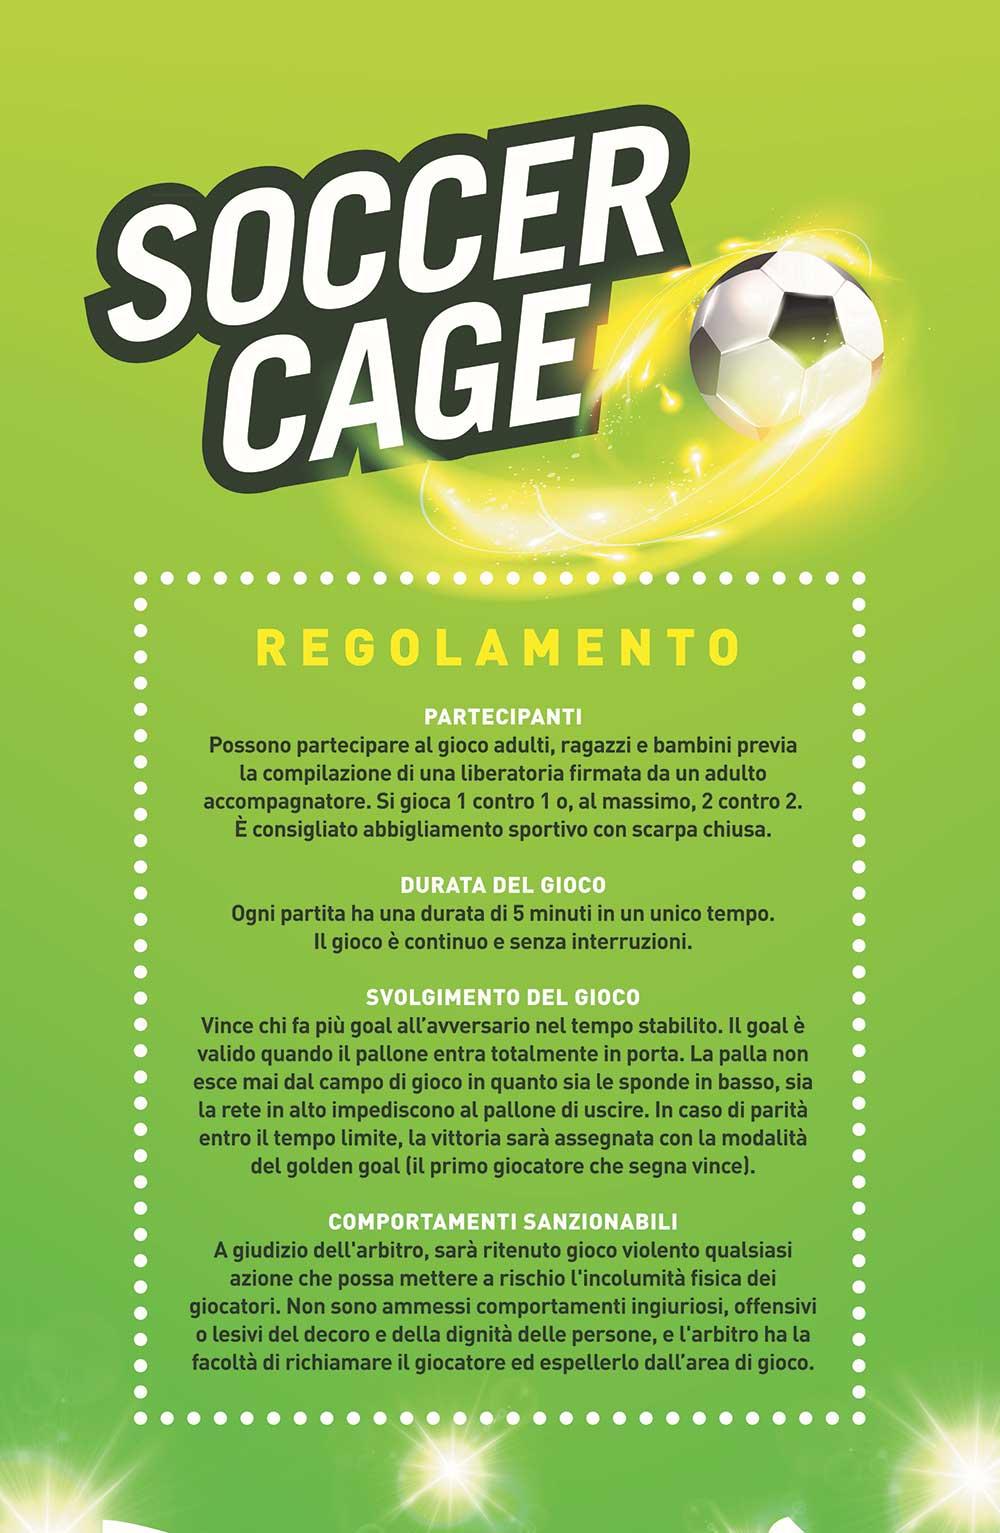 soccercage_regolamento